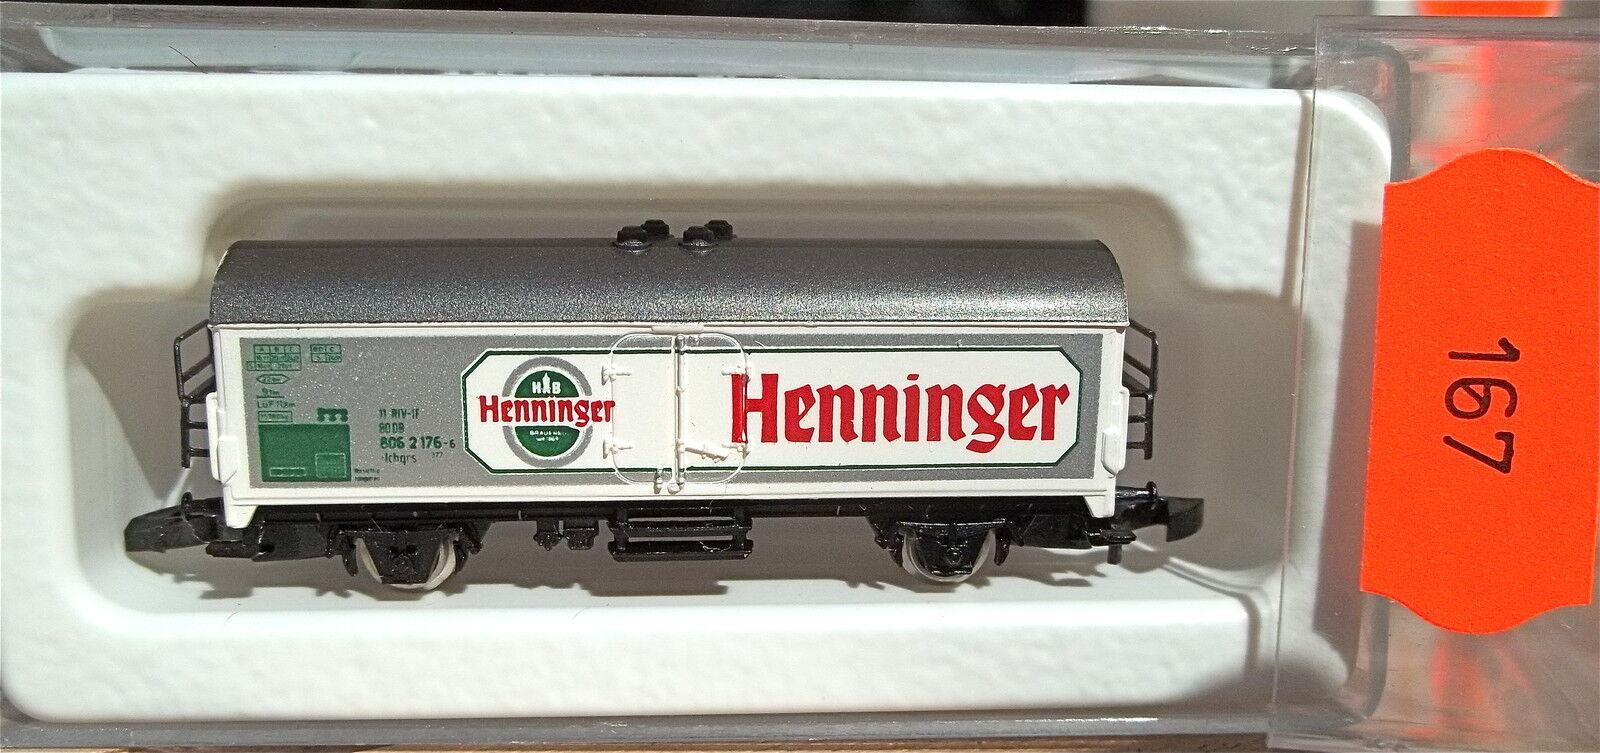 Henninger, Kolls 86008 Märklin 8600 Z Gauge 1 220 167